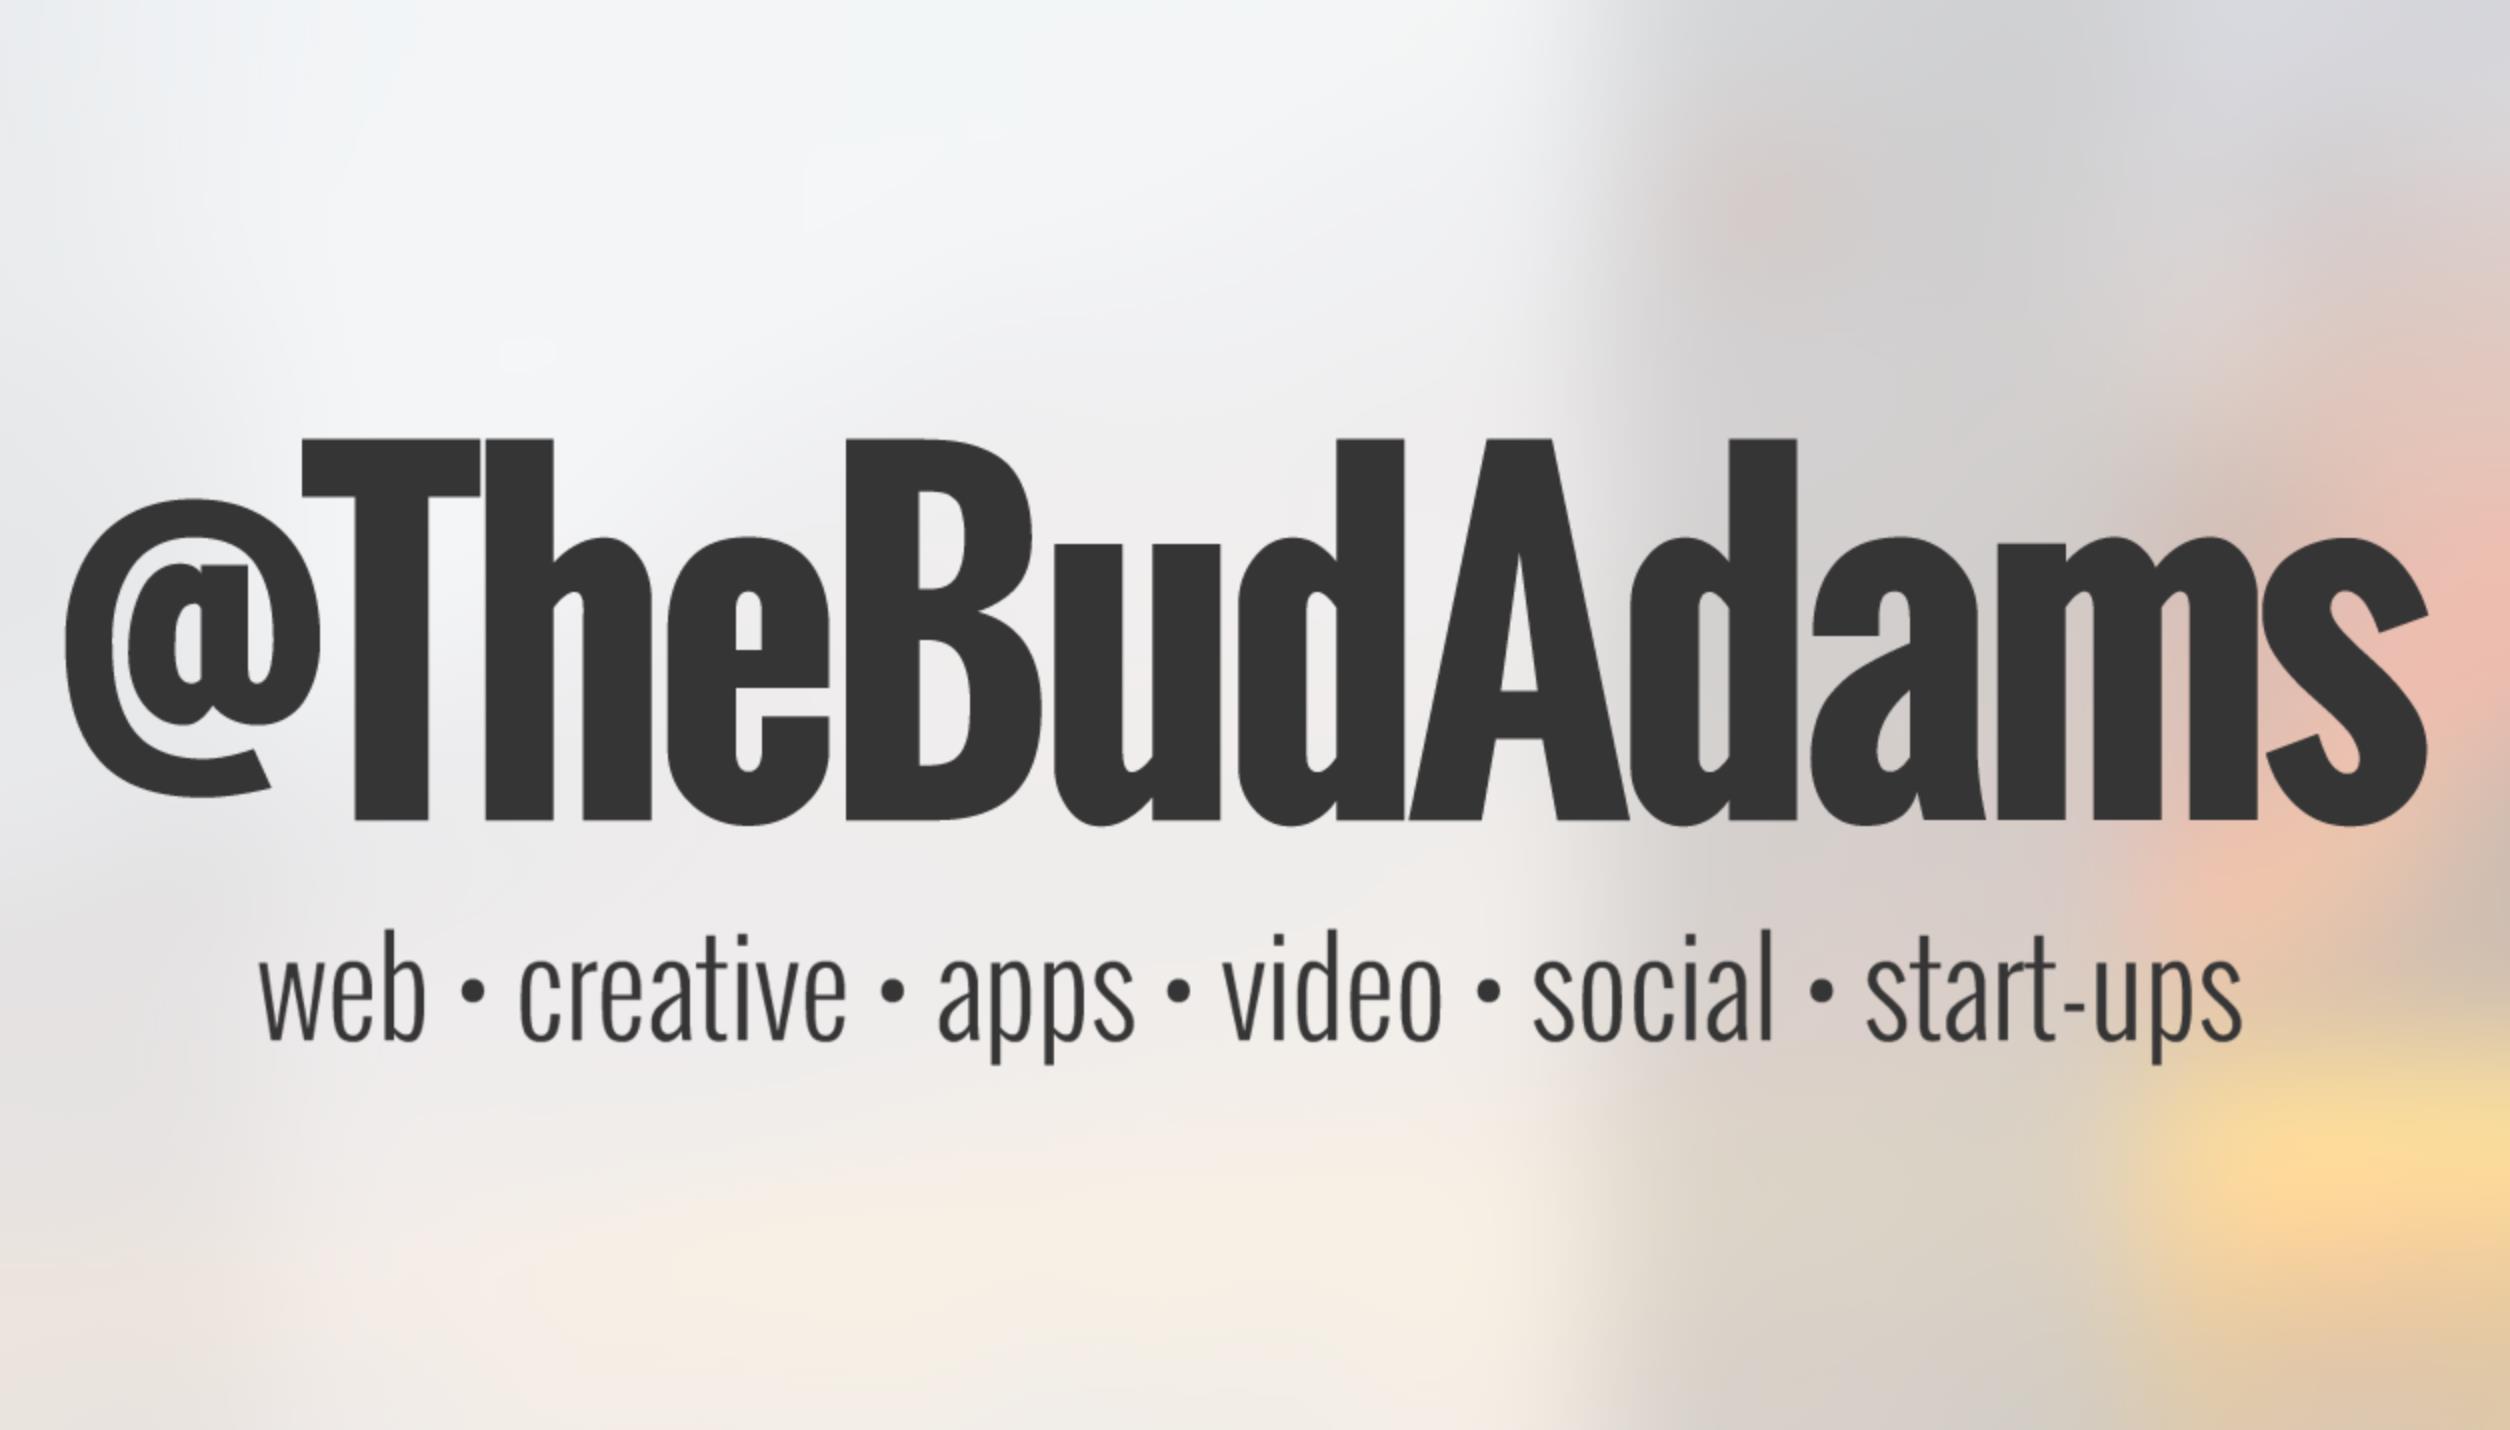 TheBudAdams LLC